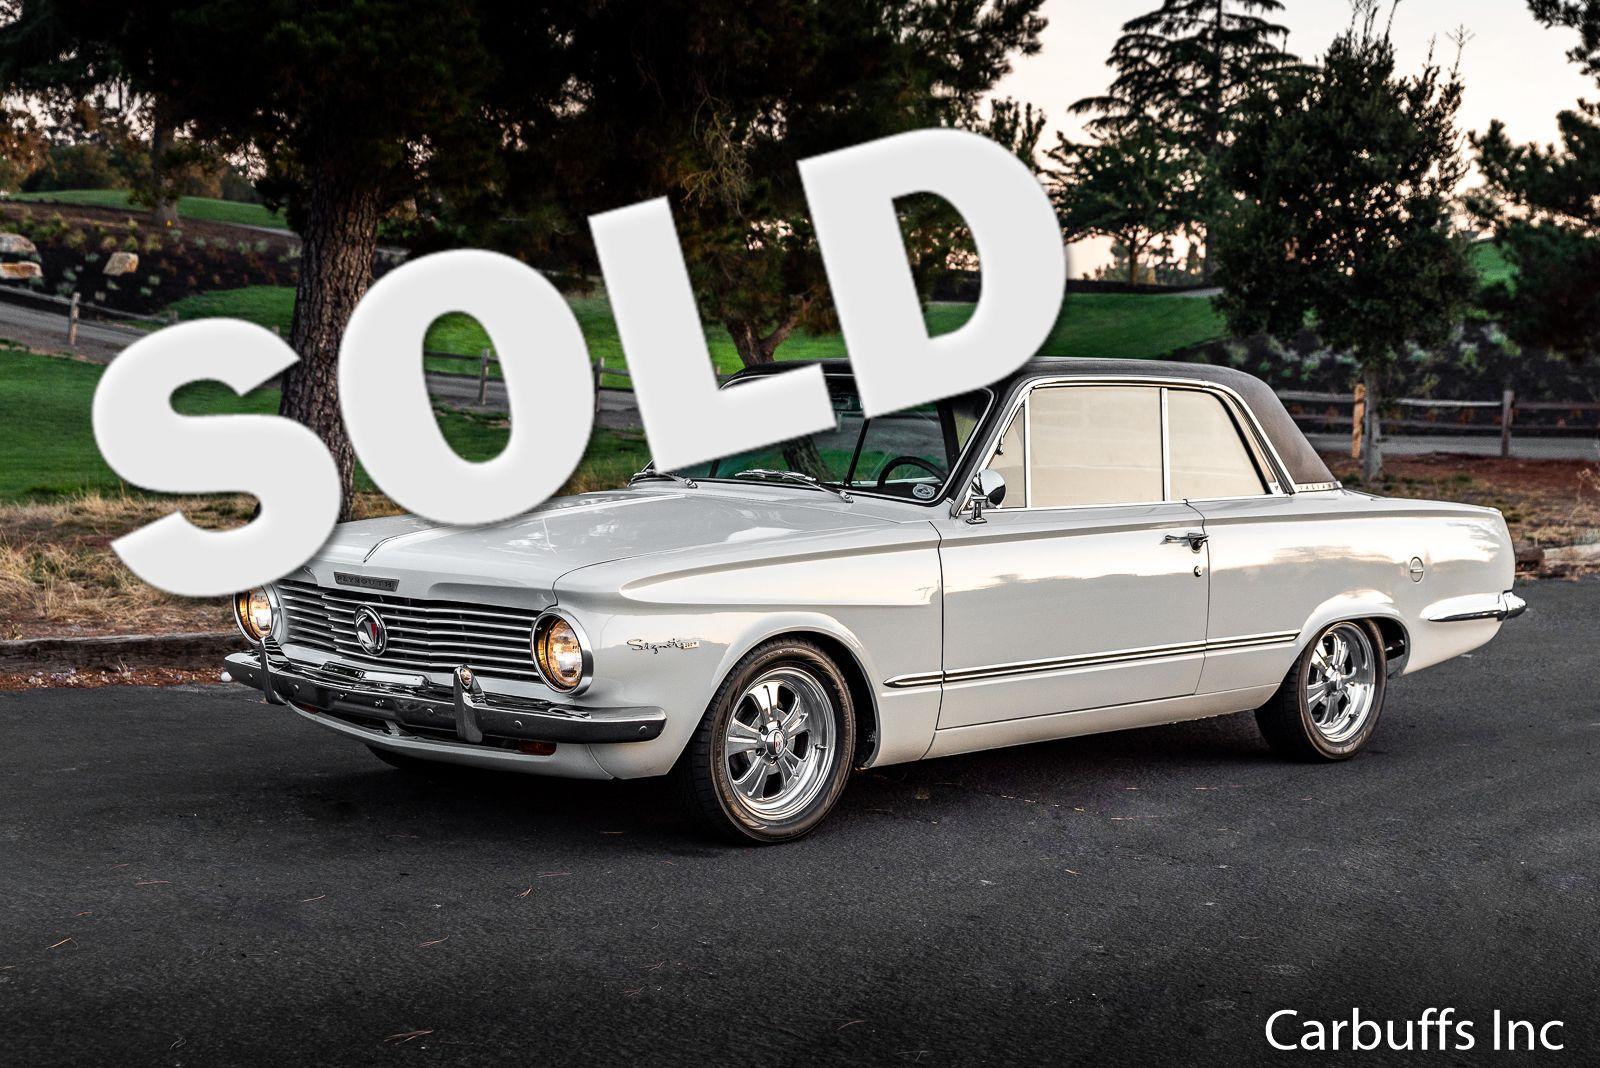 1964 Plymouth Valiant   Concord, CA   Carbuffs   Concord CA 94520